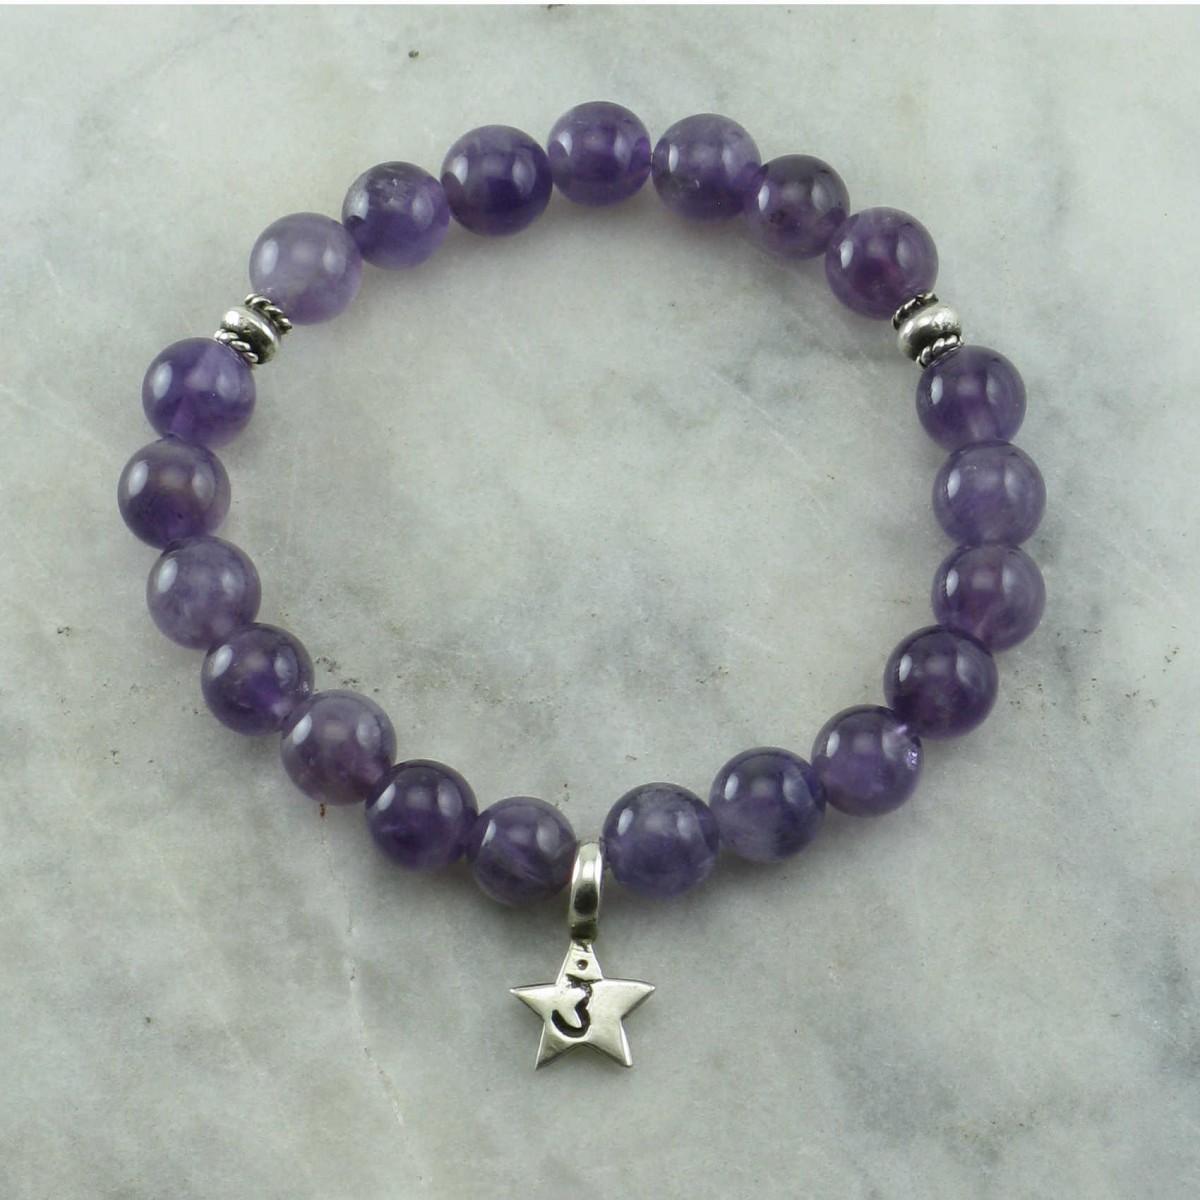 Inspiration_Brow_Chakra_Mala_Bracelet_21_Amethyst_Mala_Beads